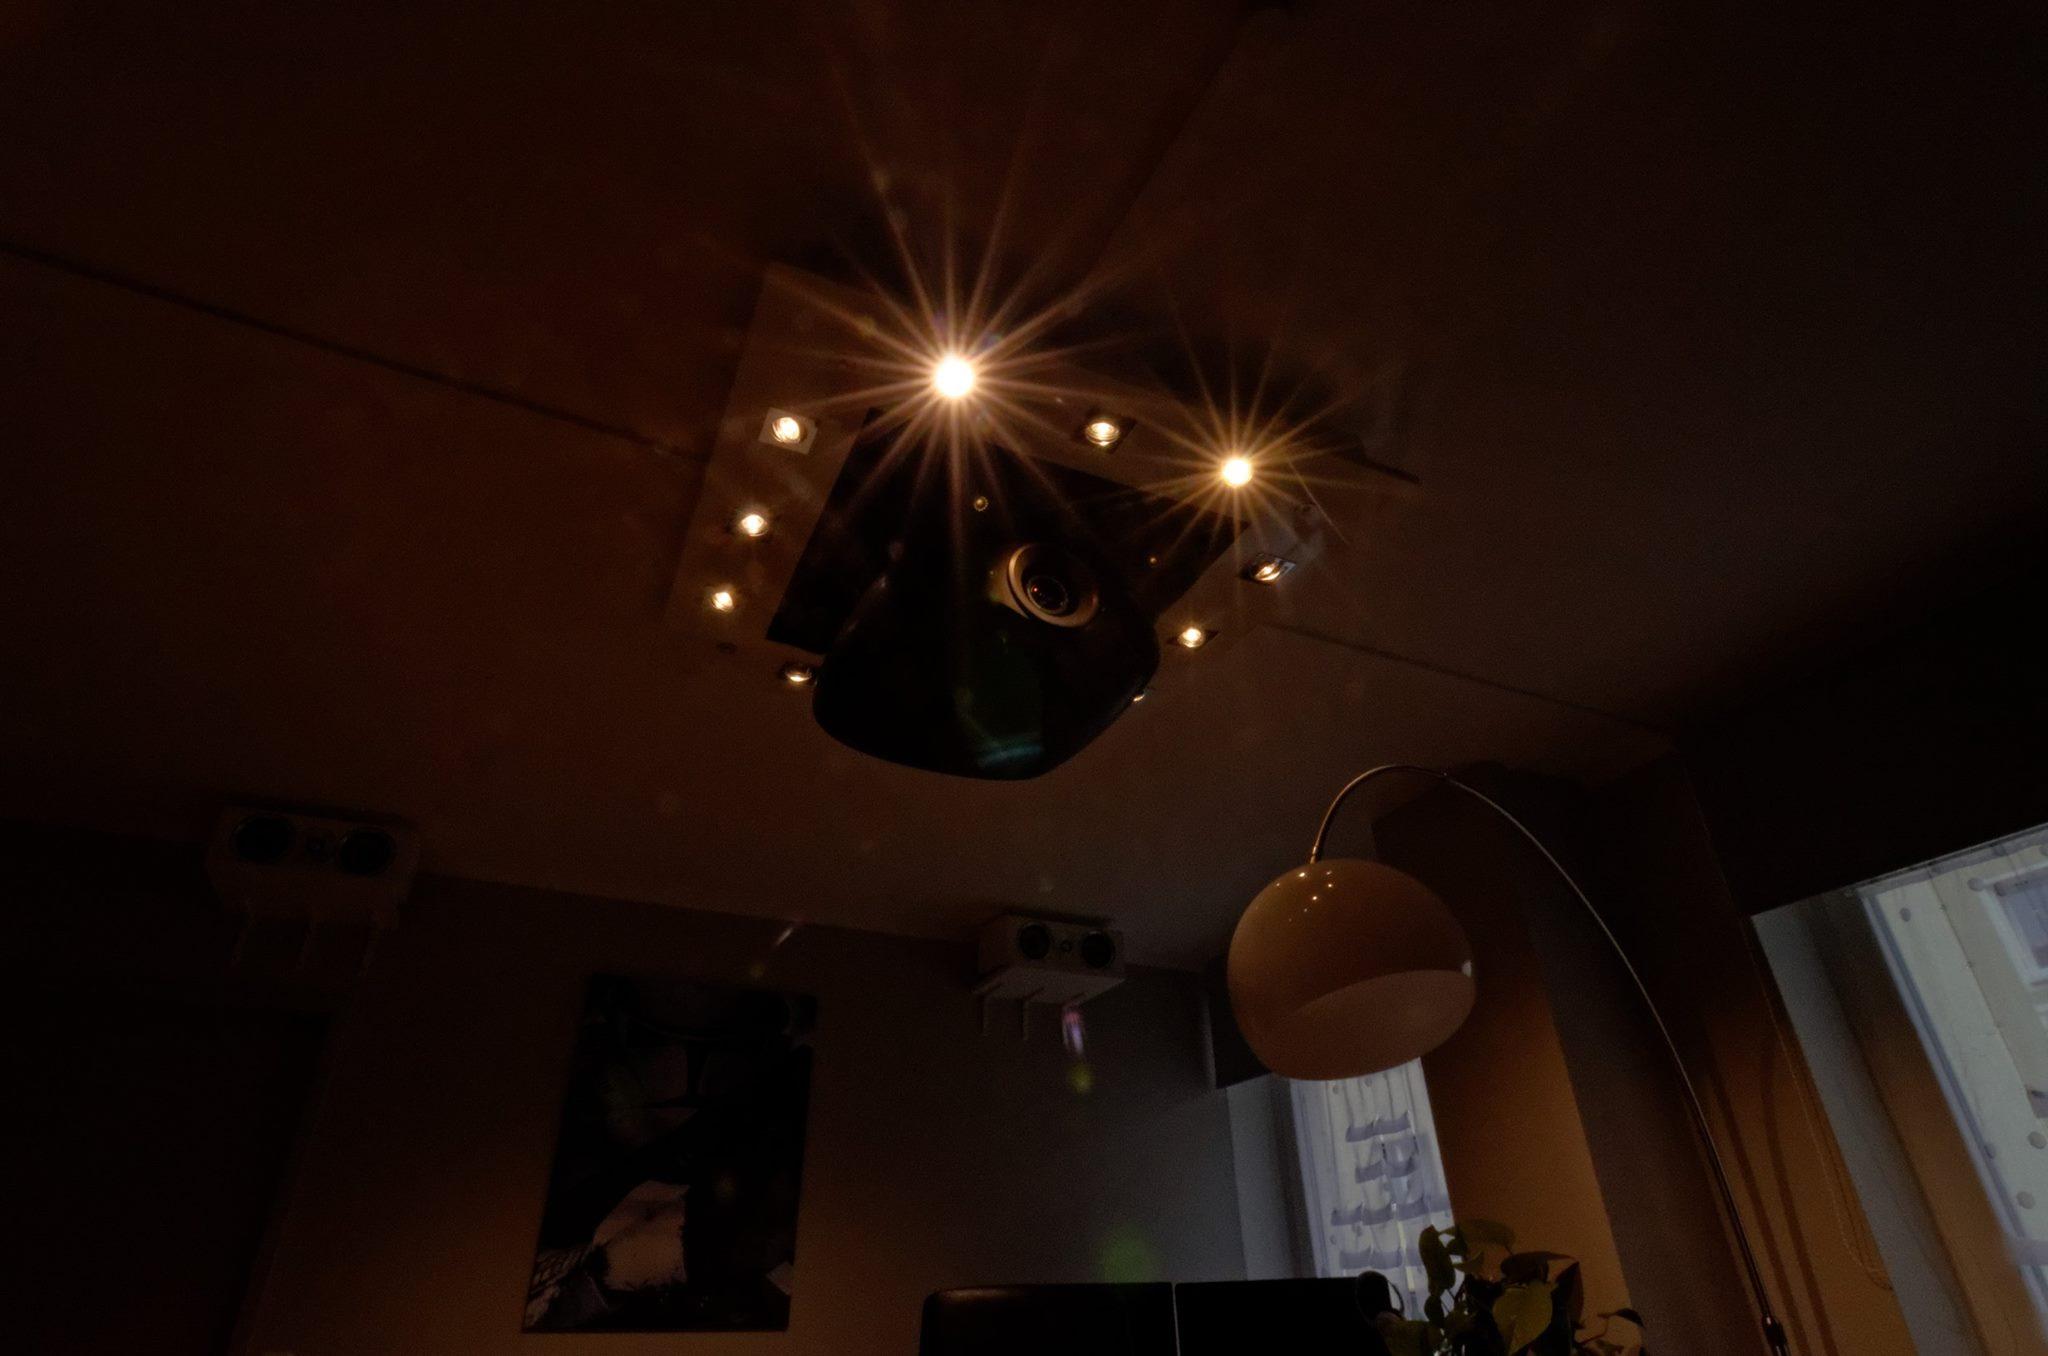 heimkino lightsaber strikes drums in n rnberg. Black Bedroom Furniture Sets. Home Design Ideas